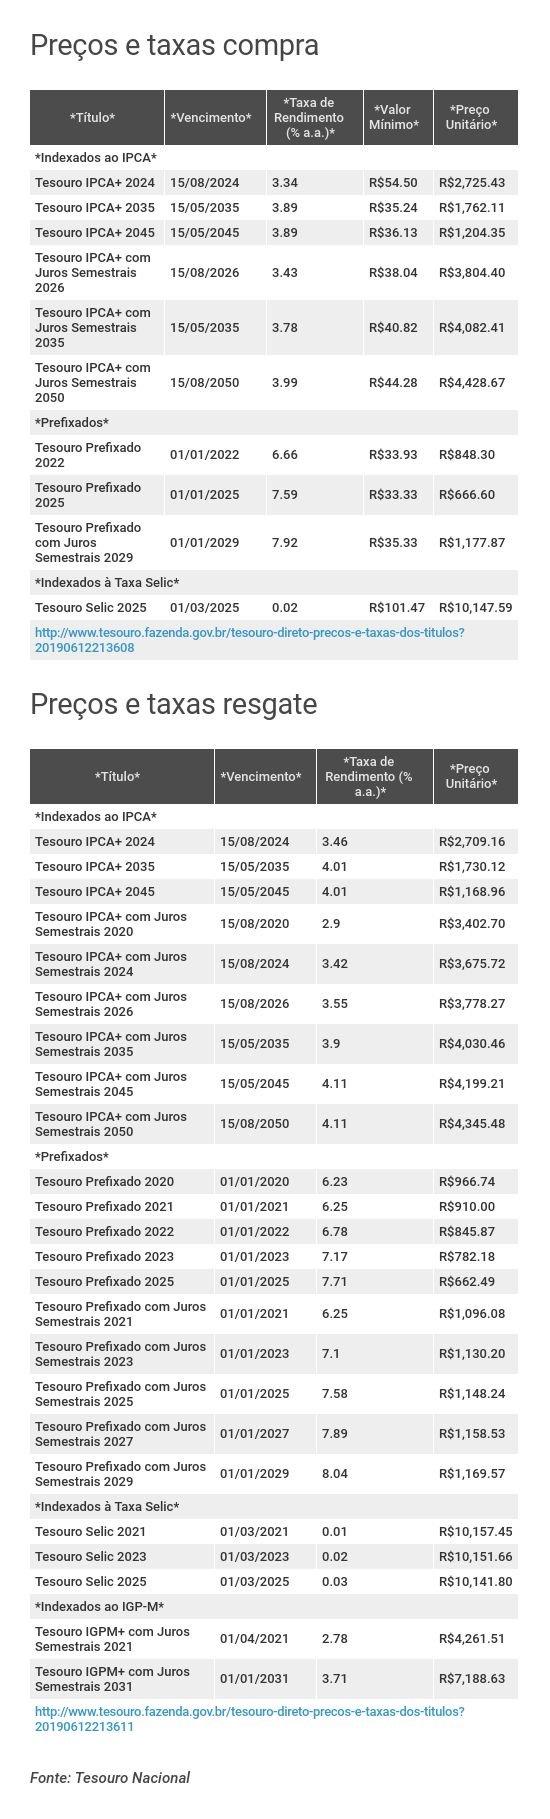 Preços e taxas do Tesouro Direto em 12 de junho de 2019 - fechamento